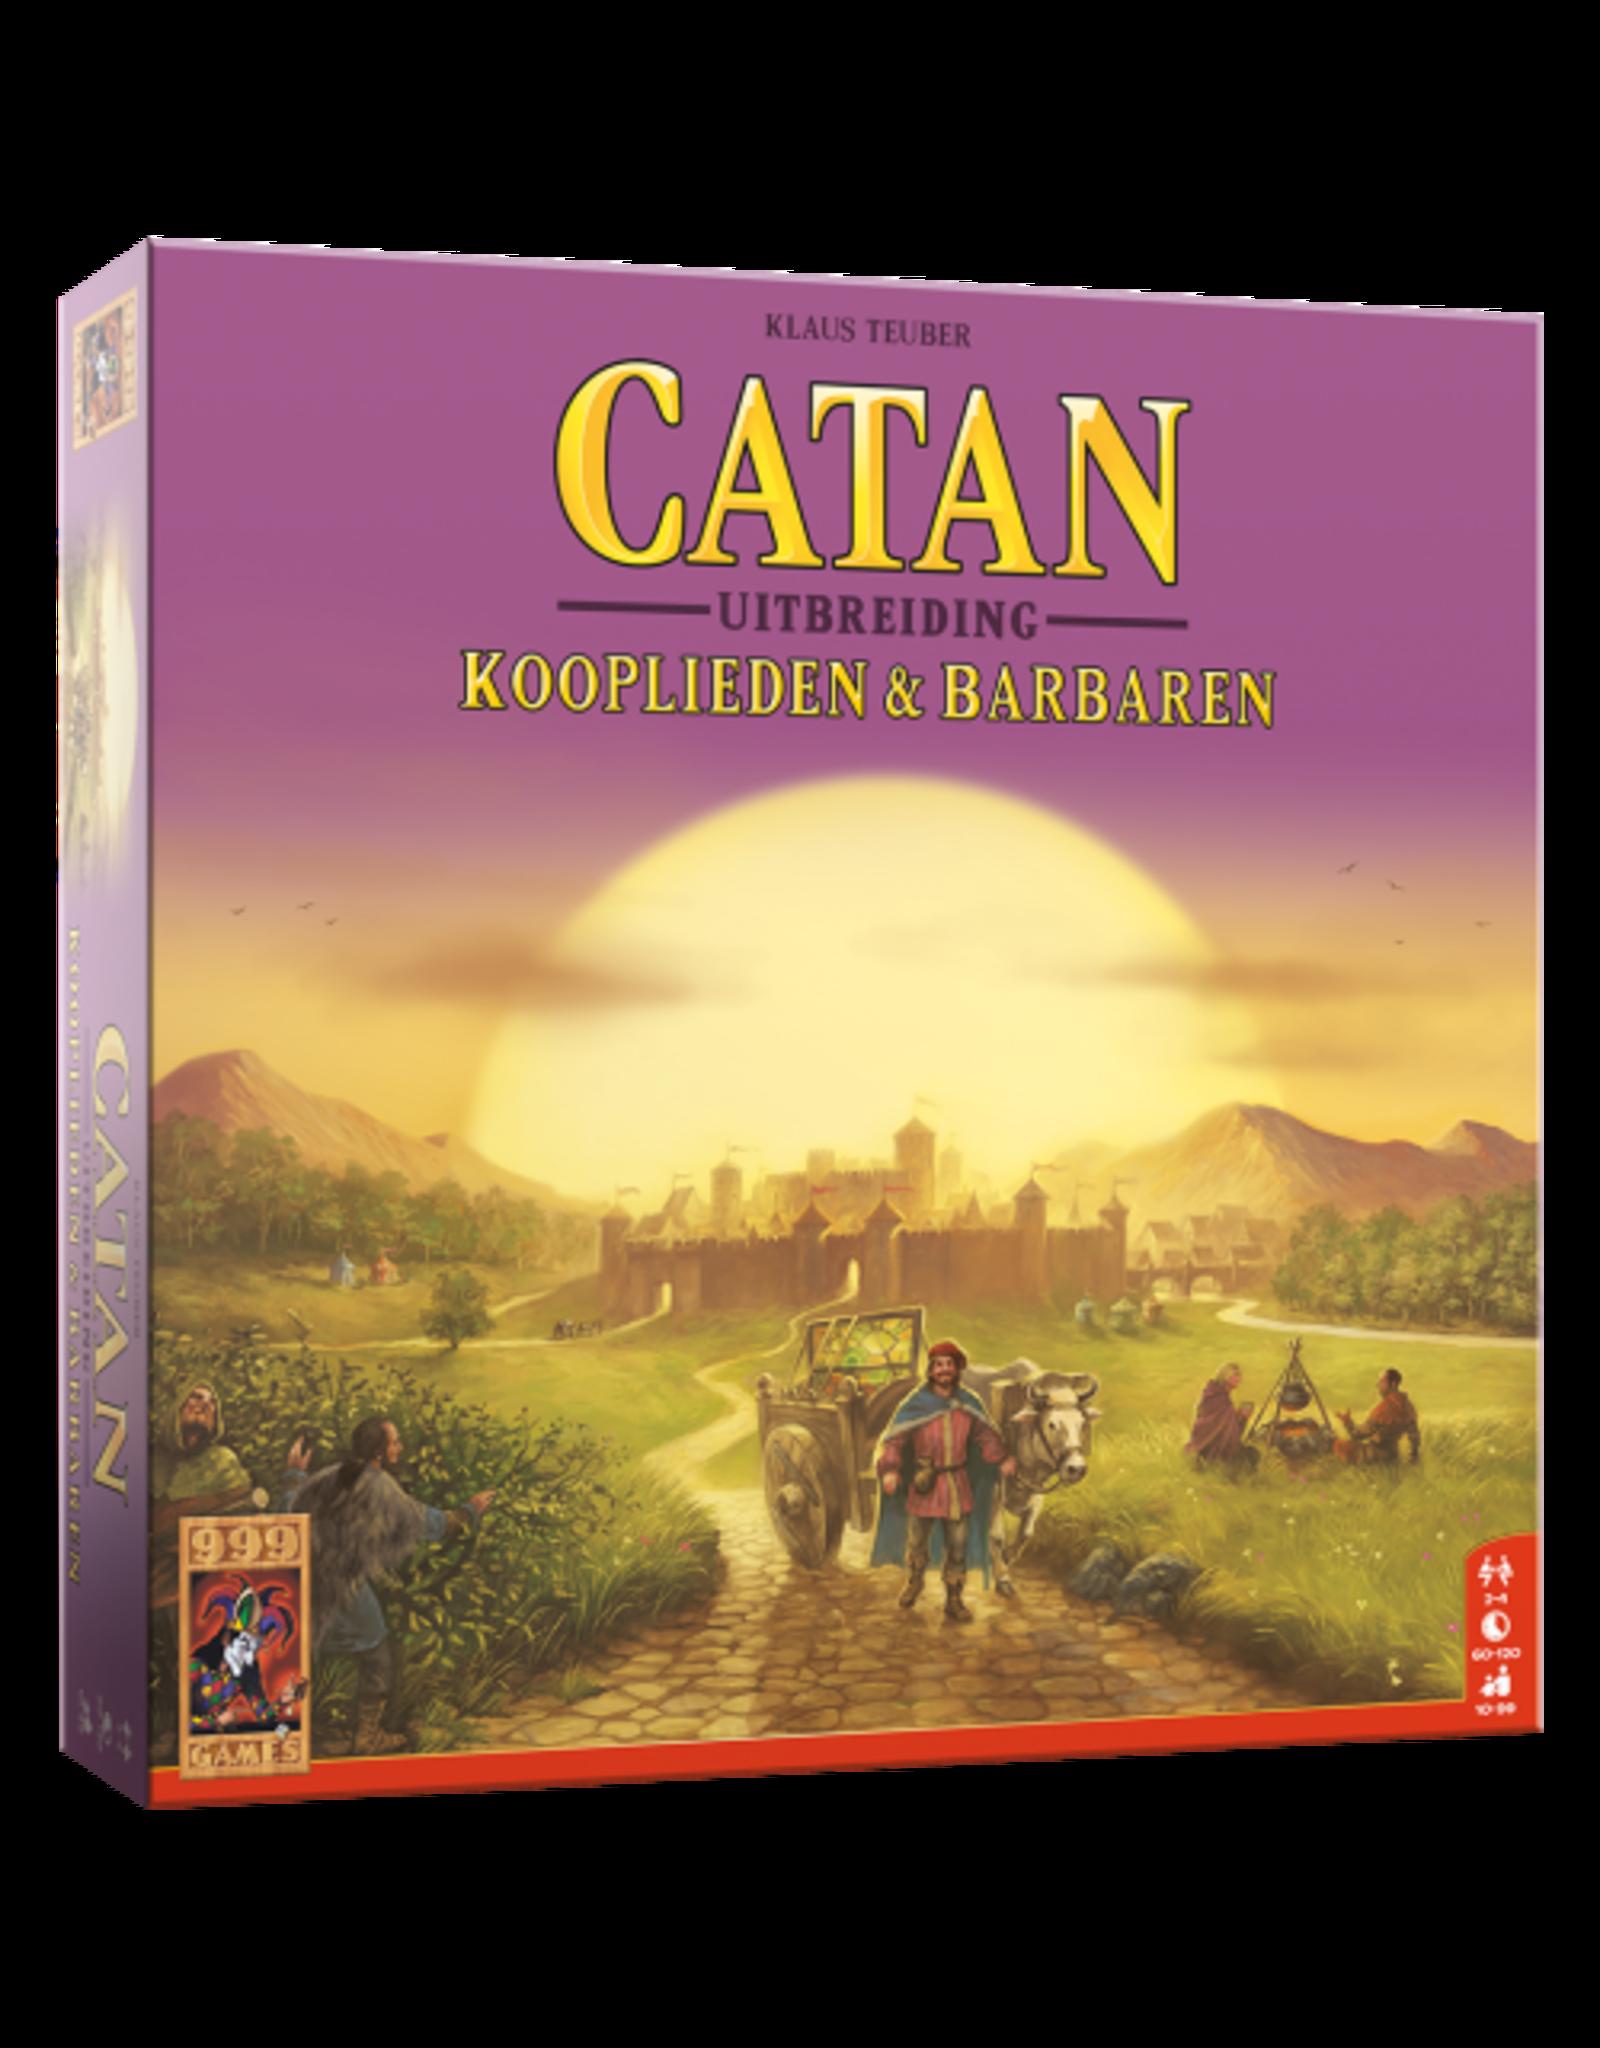 999 GAMES Catan: Kooplieden & Barbaren - Bordspel